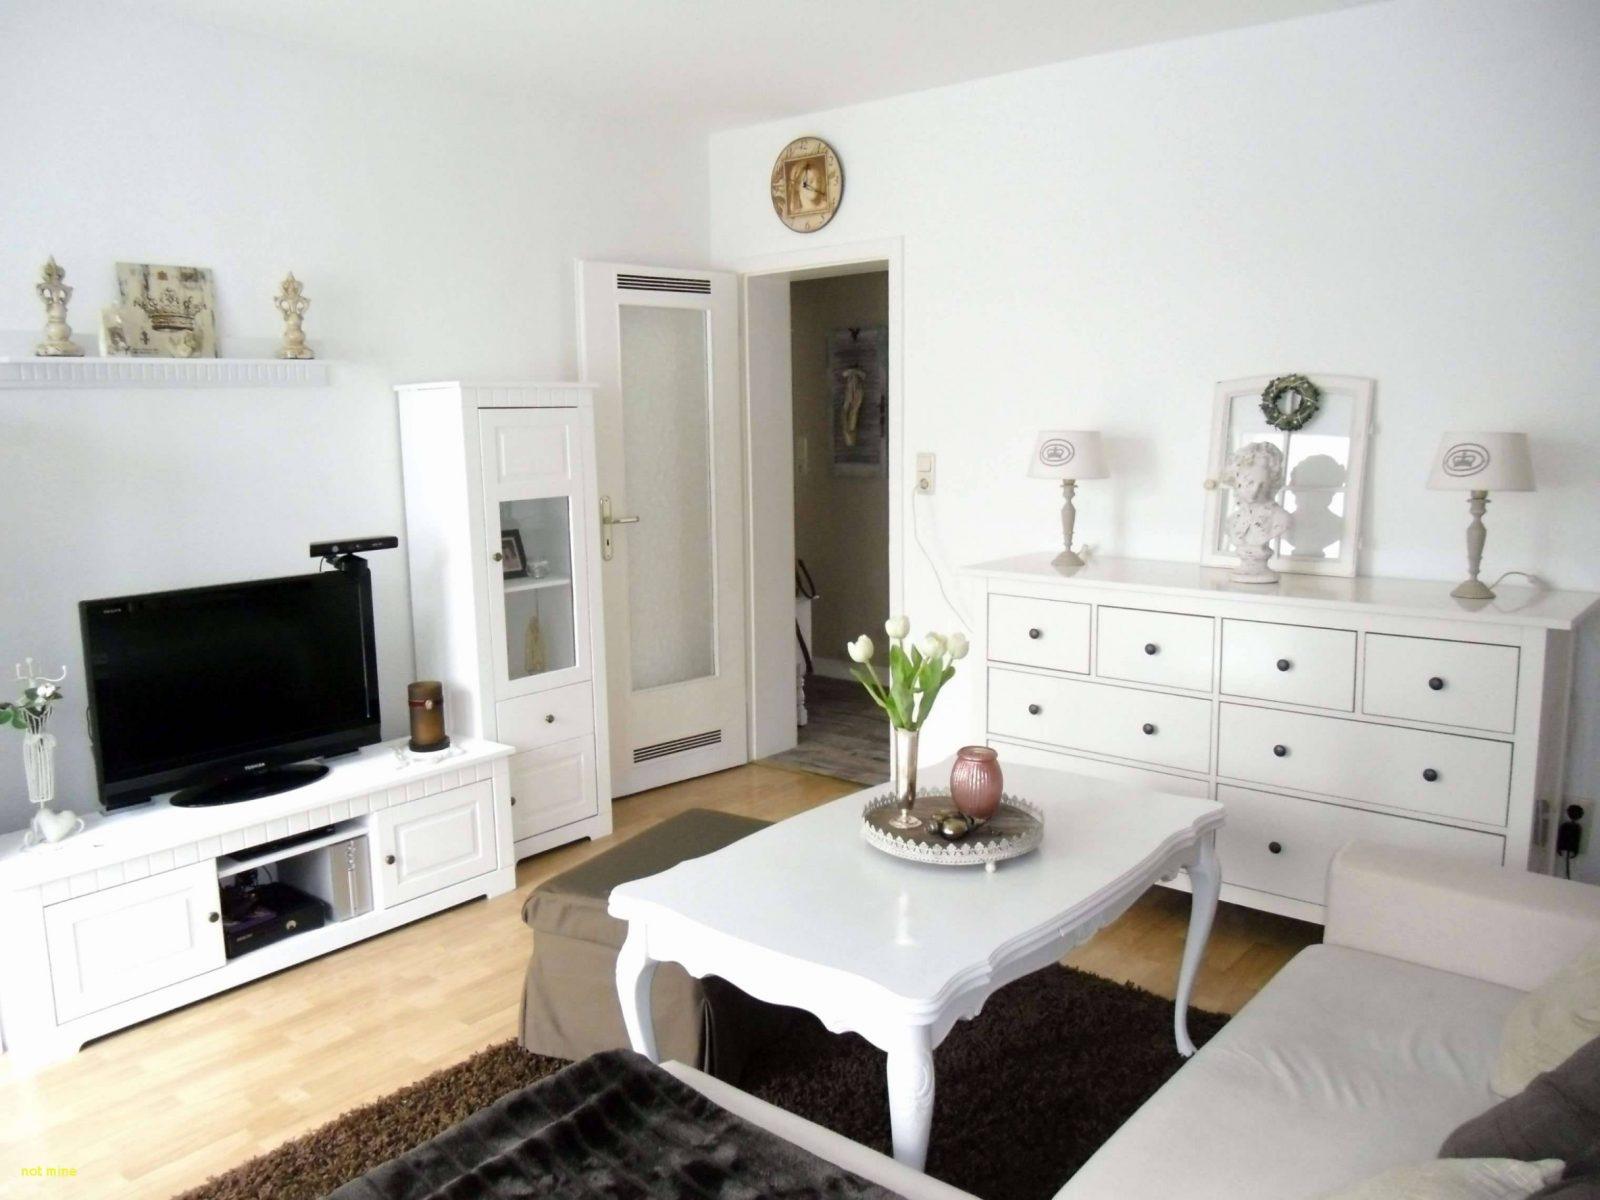 Unique Wohnzimmer Deko Ideen Grau Ideas von Schlafzimmer Ideen Grau Bild